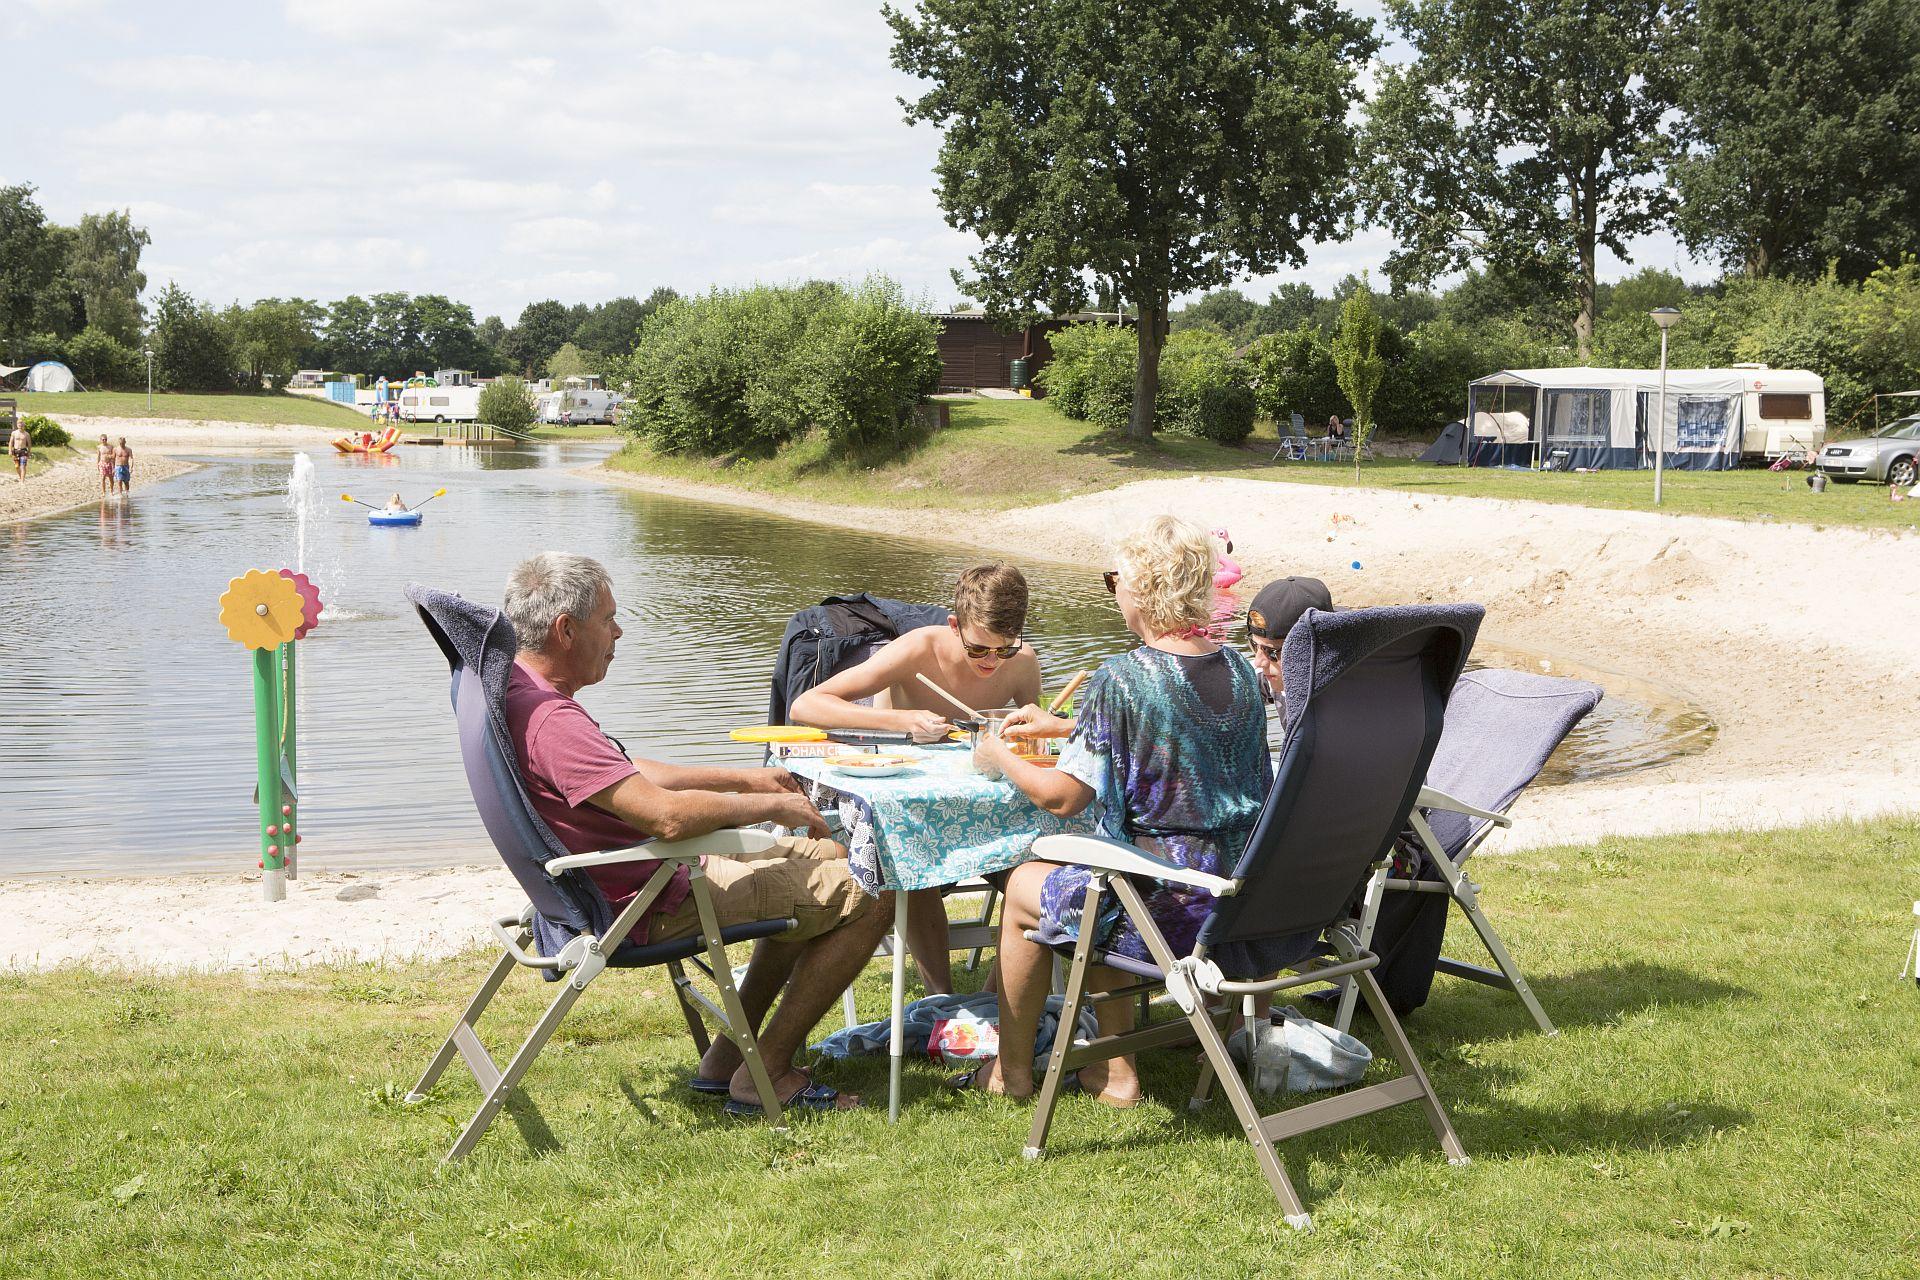 Goedkope kampeervakantie in Overijssel - Goedkope kampeervakantie in Overijssel